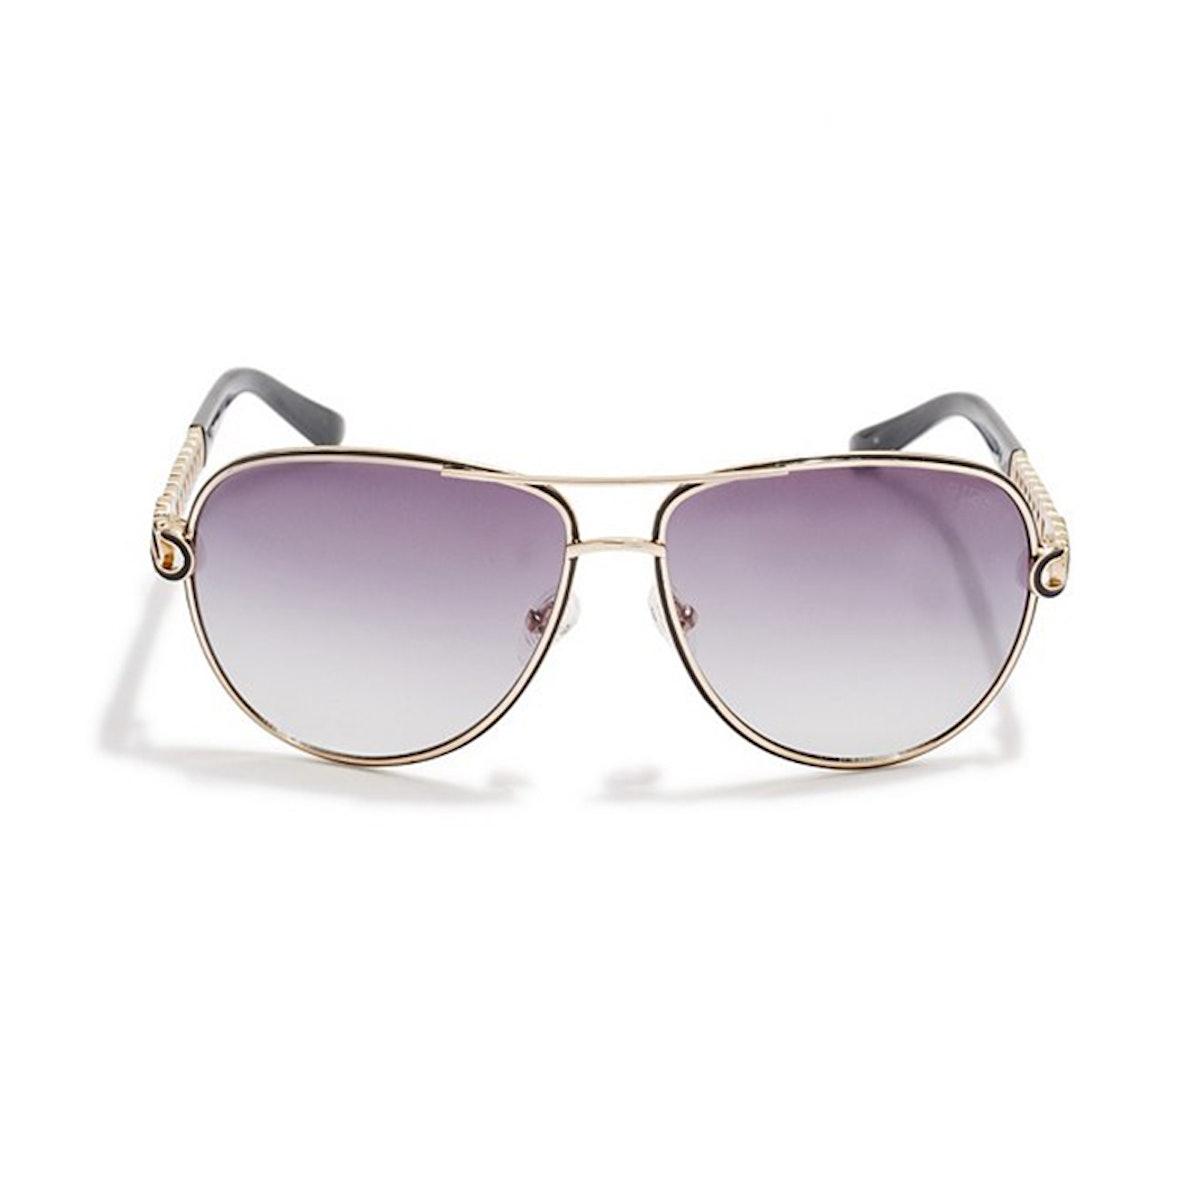 Laura Chain Aviator Sunglasses